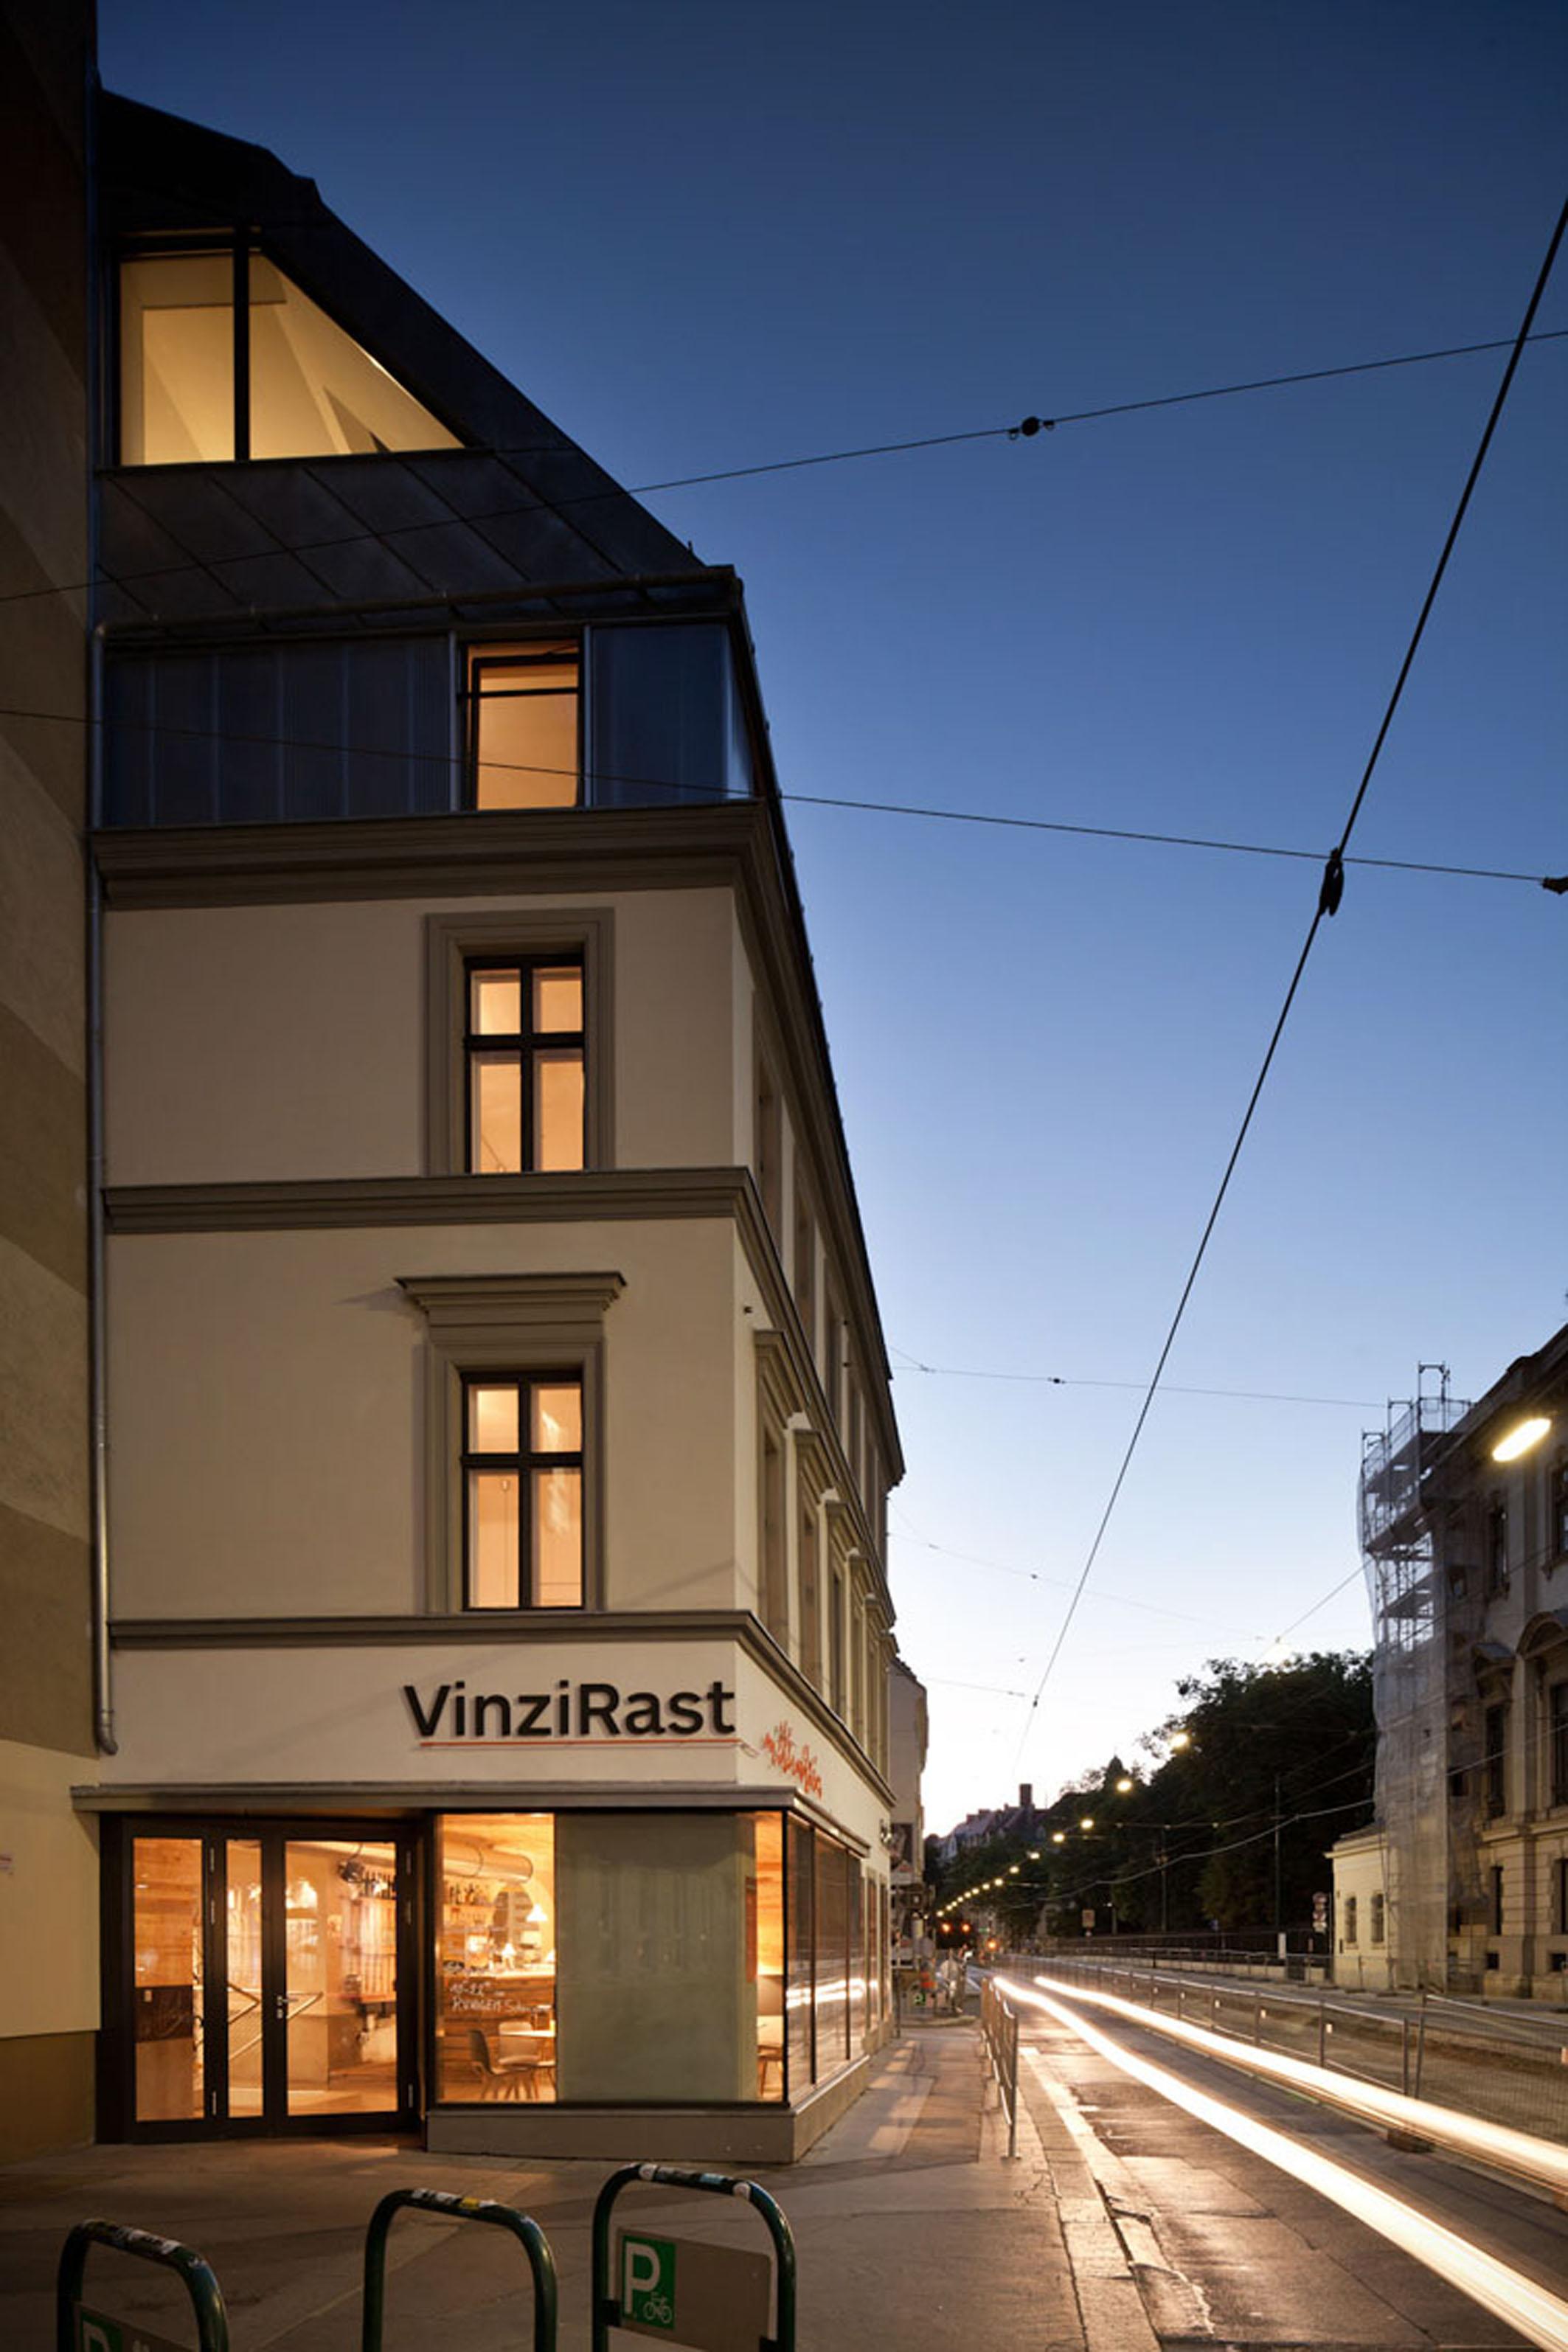 <p>VinziRast-mittendrin in Wenen door gaupenraub+/-, beeld Kurt Kuball</p>